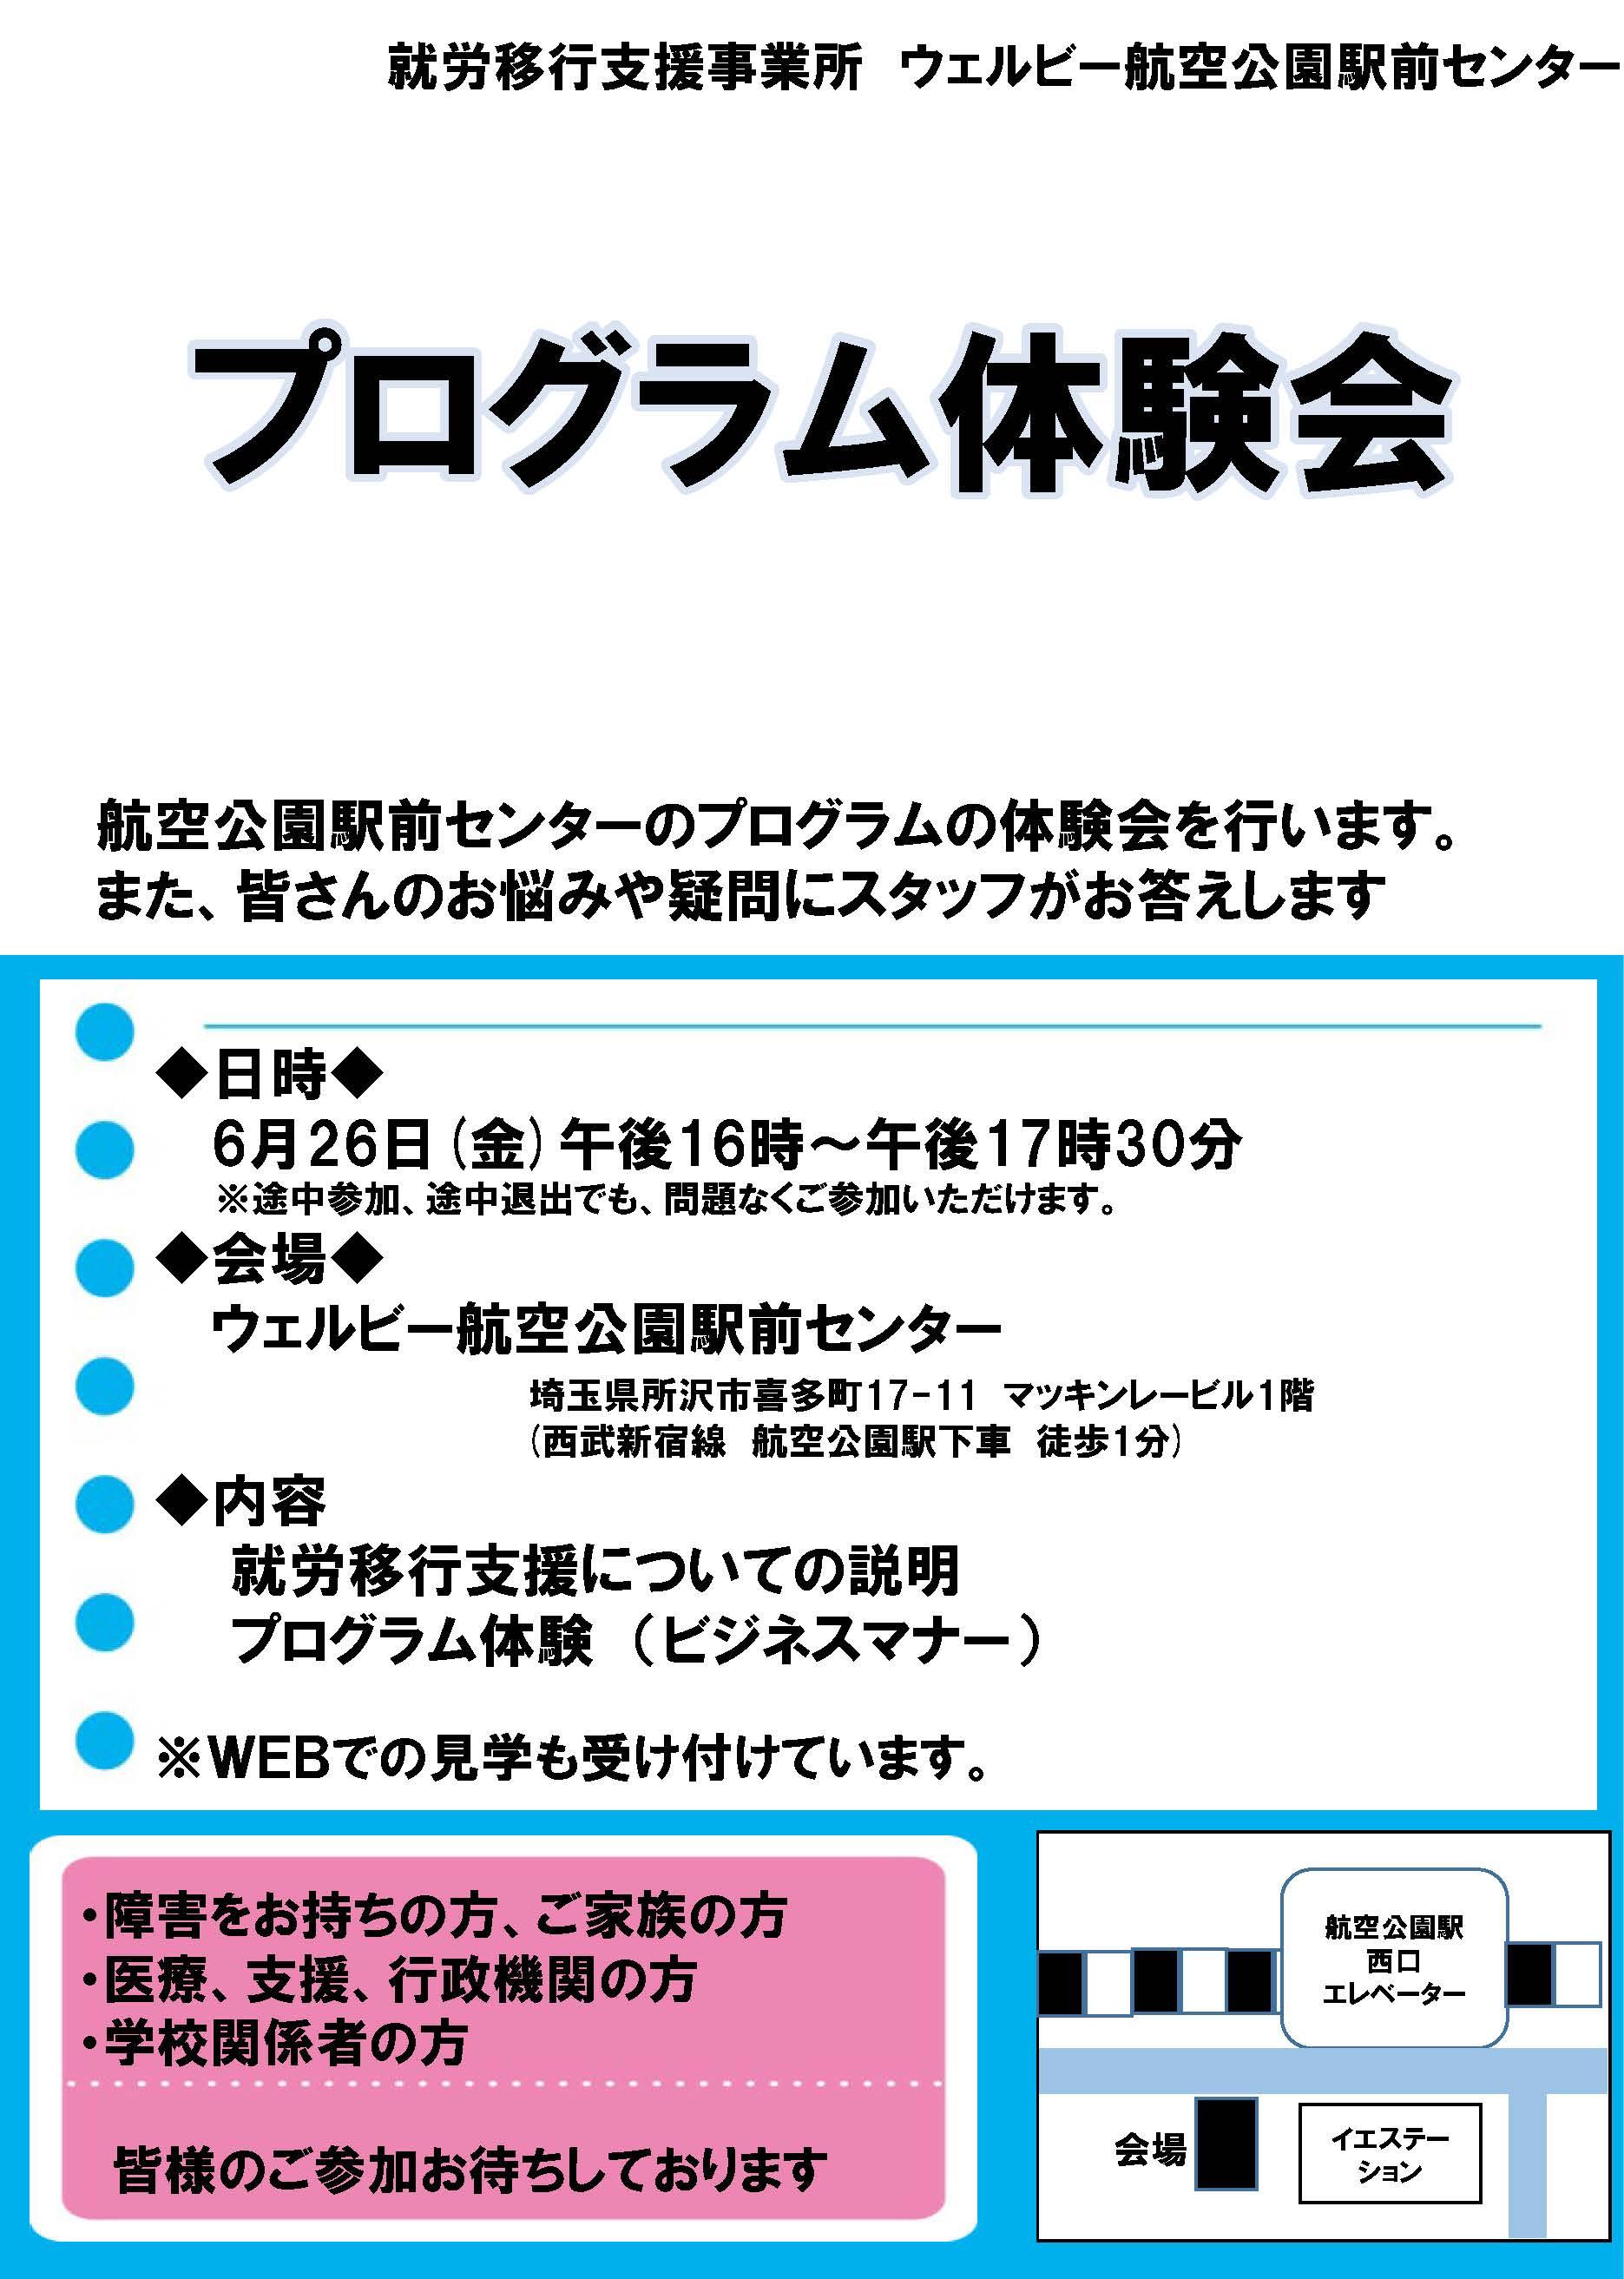 プログラム体験会チラシ<2020年6月開催>代案あさがお_ページ_1